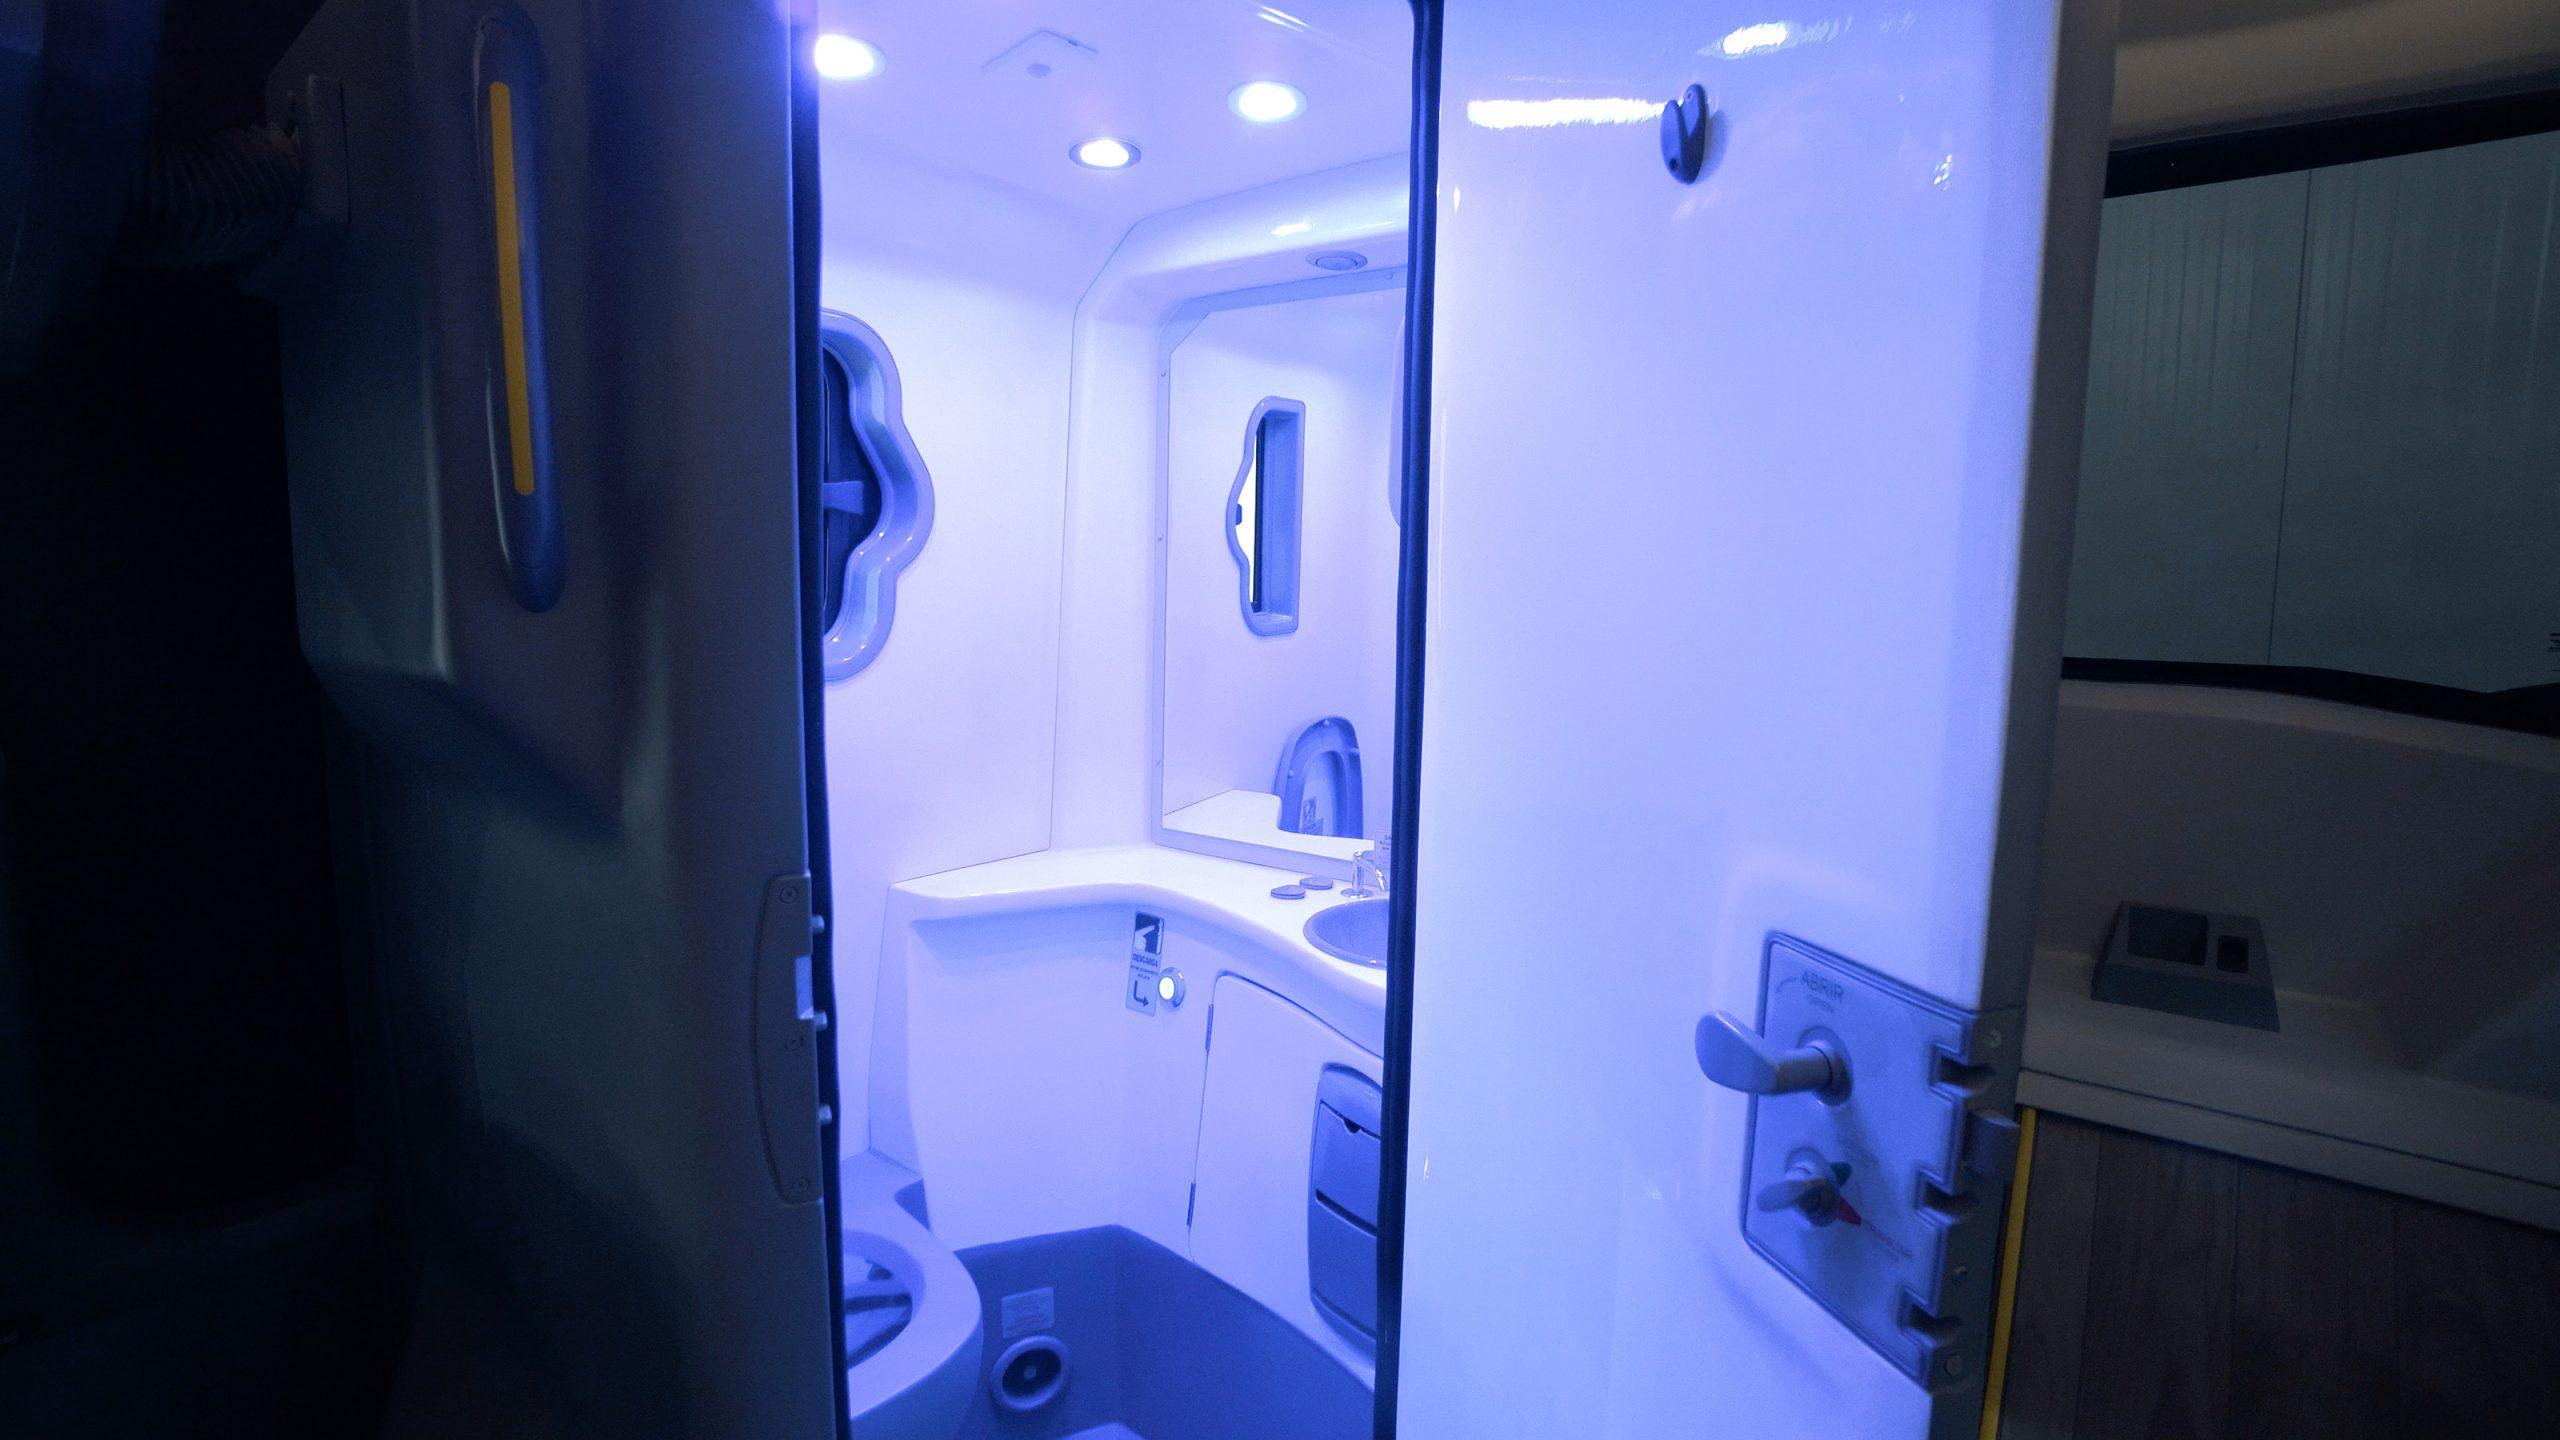 Marcopolo desenvolve sistema de sanitário para ônibus com desinfecção por luz ultravioleta